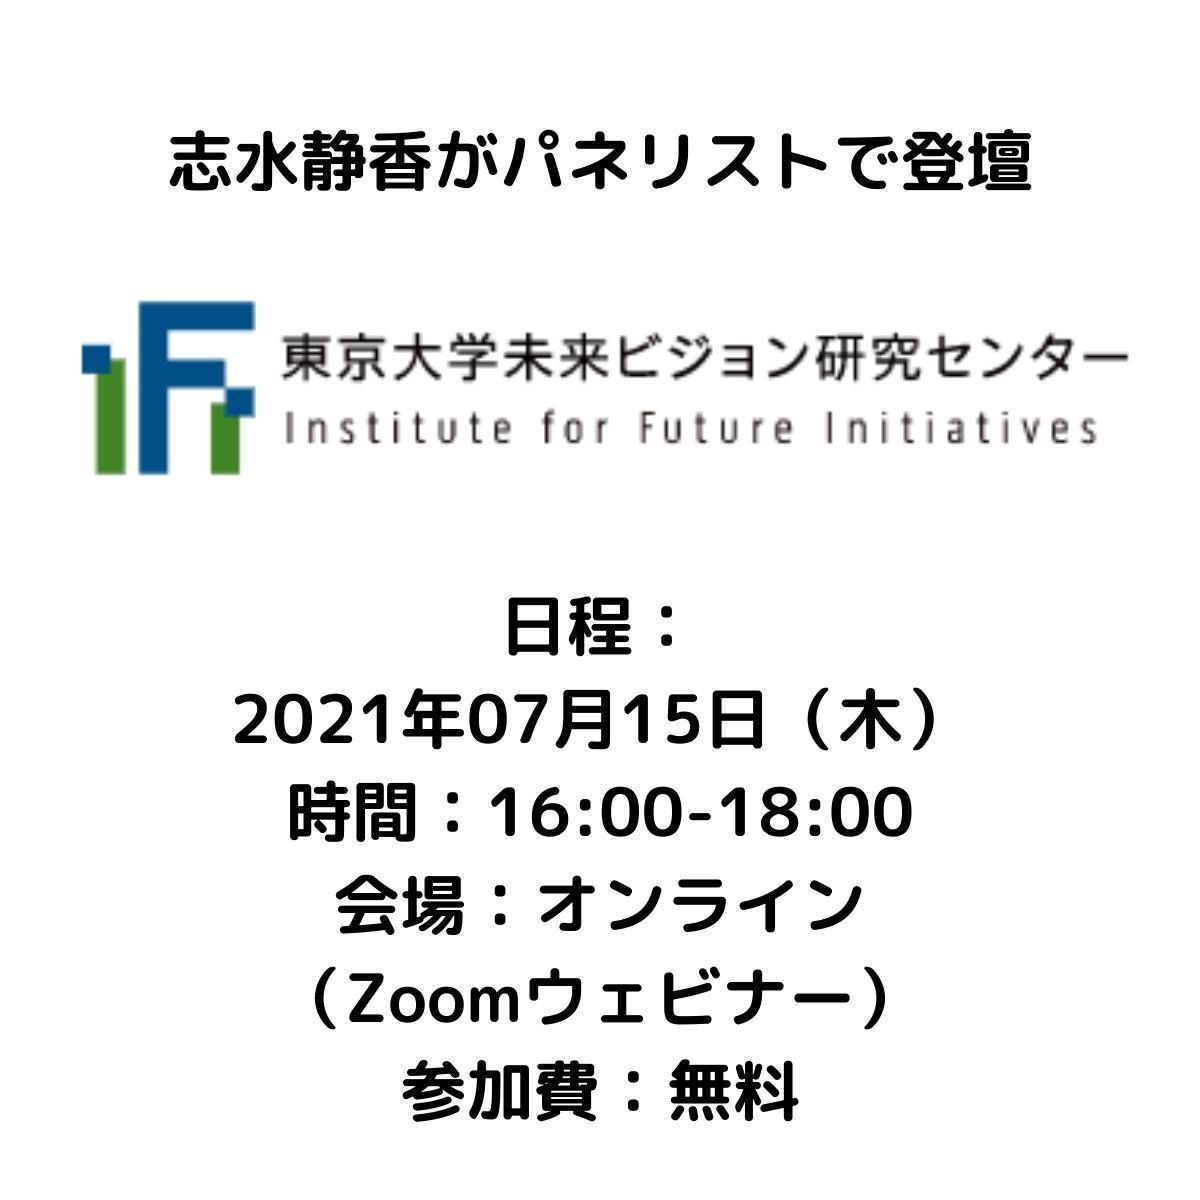 2021年07月15日(木)開催 志水静香がパネリスト登壇 東京大学未来ビジョン研究センター主催セミナー